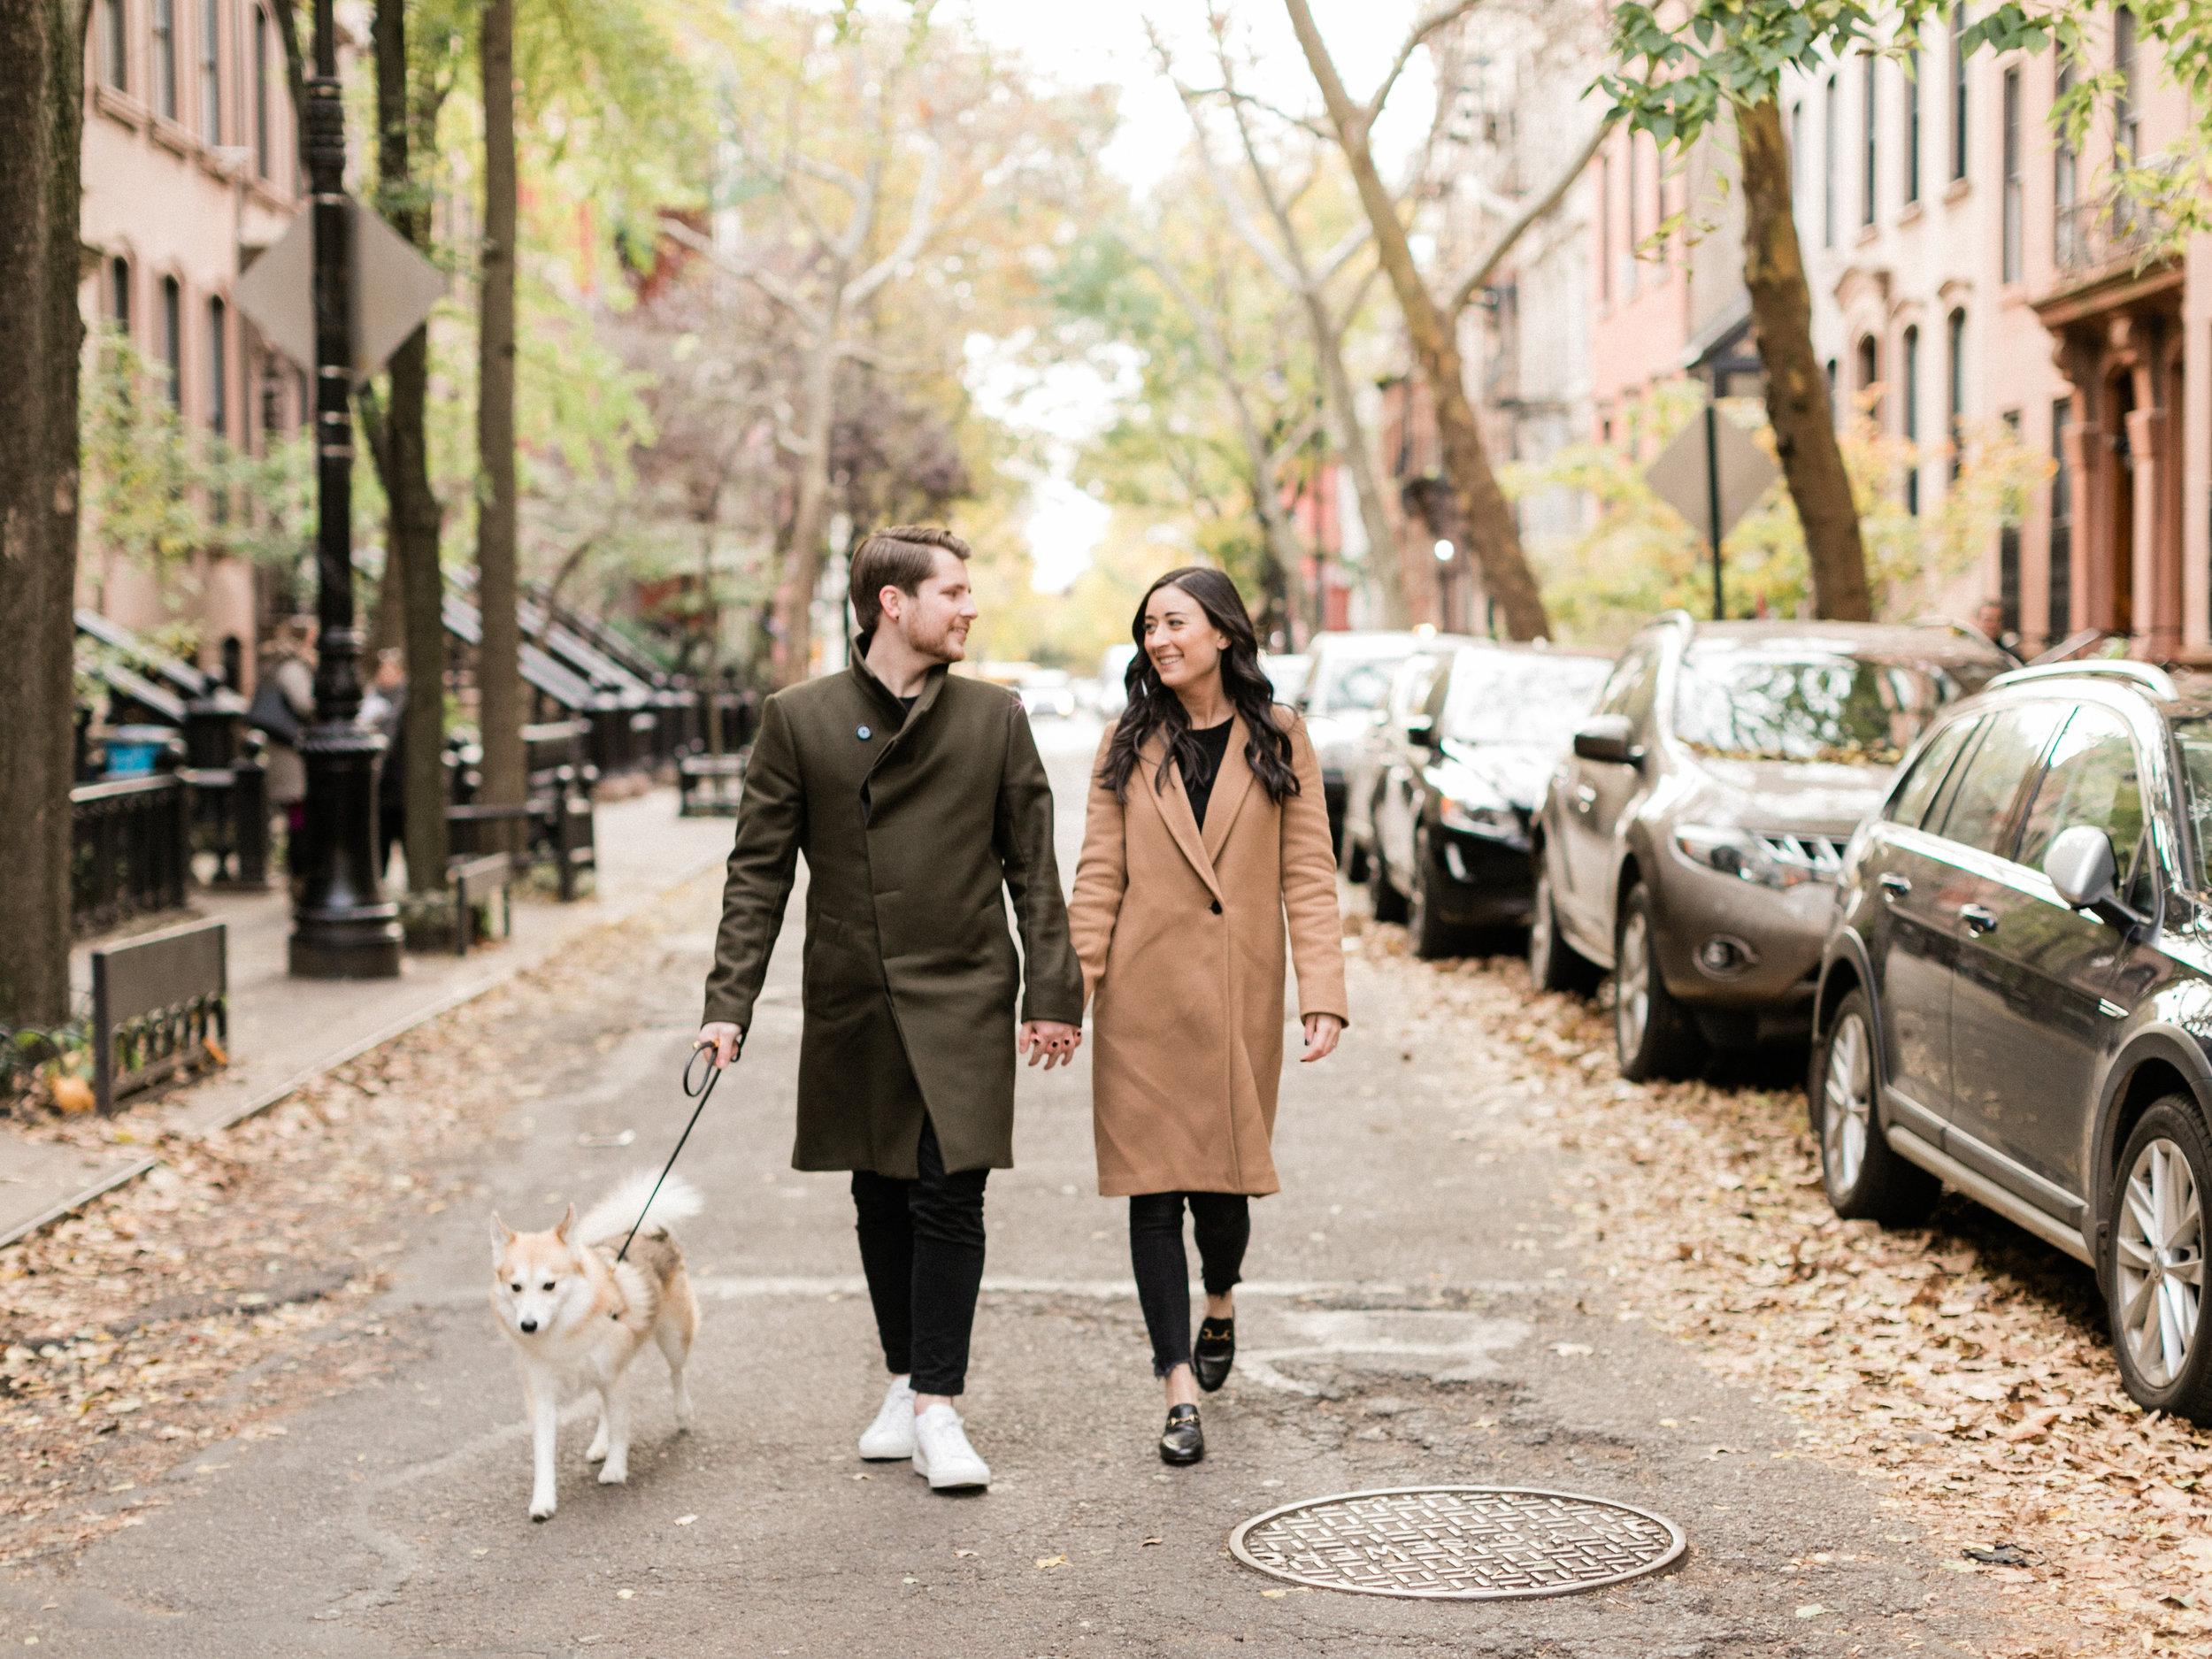 asher-gardner-nyc-engagement-36.jpg